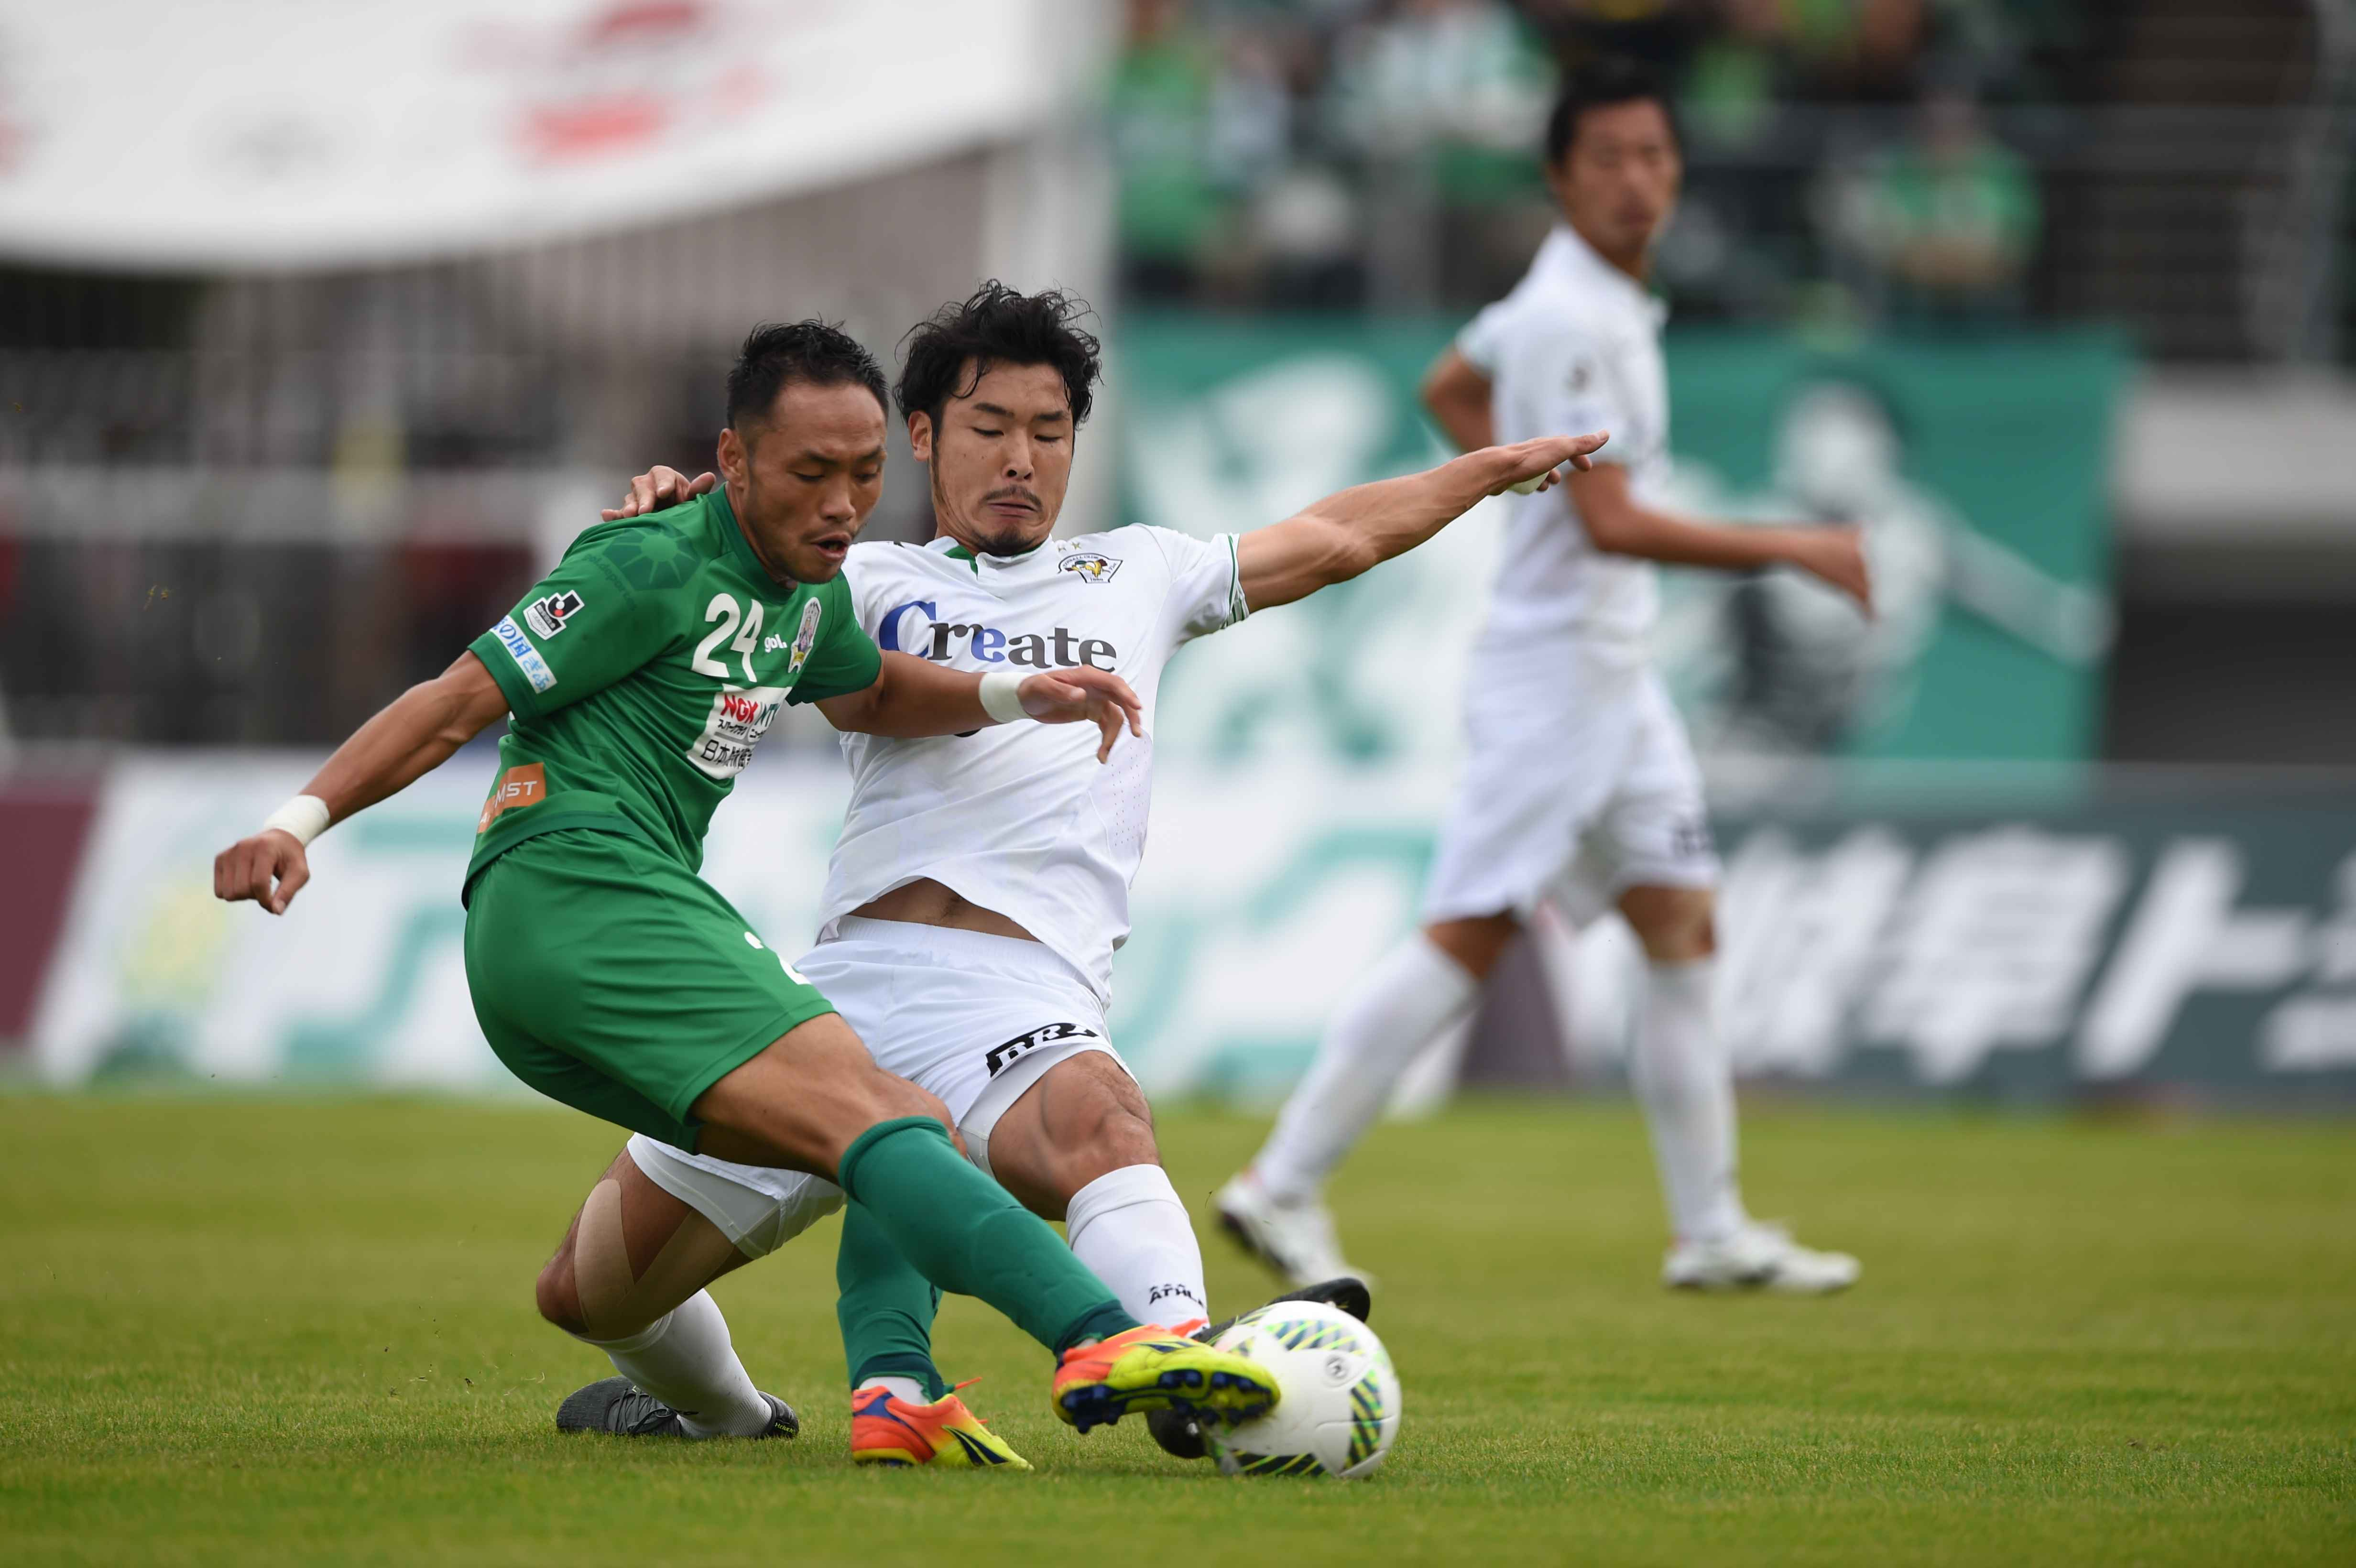 FC岐阜_東京V_Kaz_D1_0434